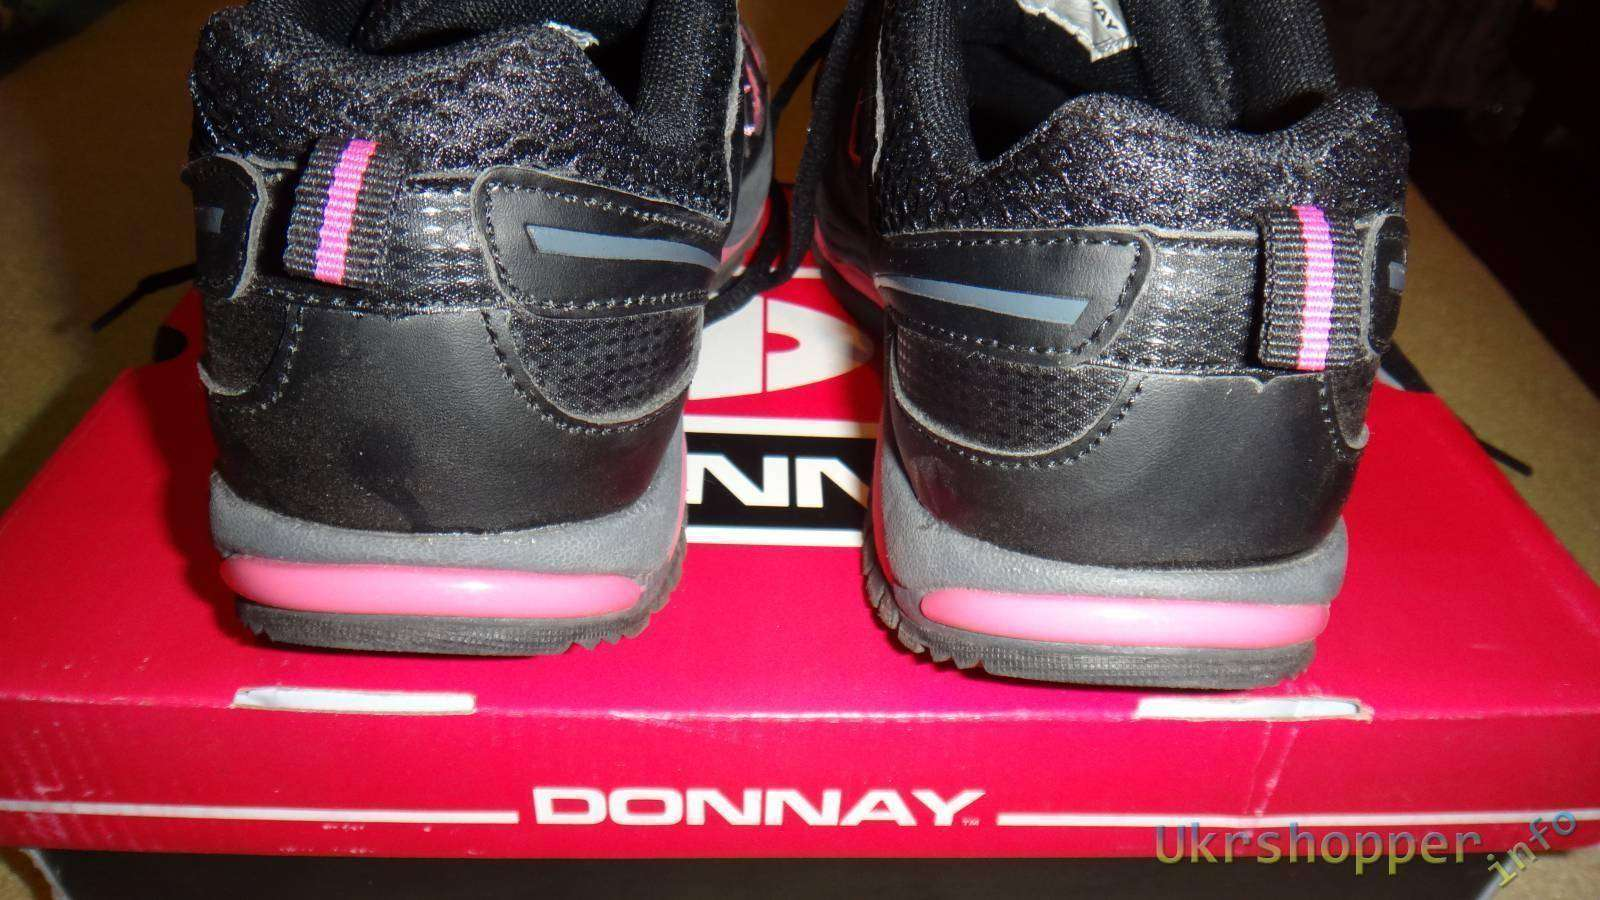 Sportsdirect: Обзор женских кроссовок фирмы Donnay